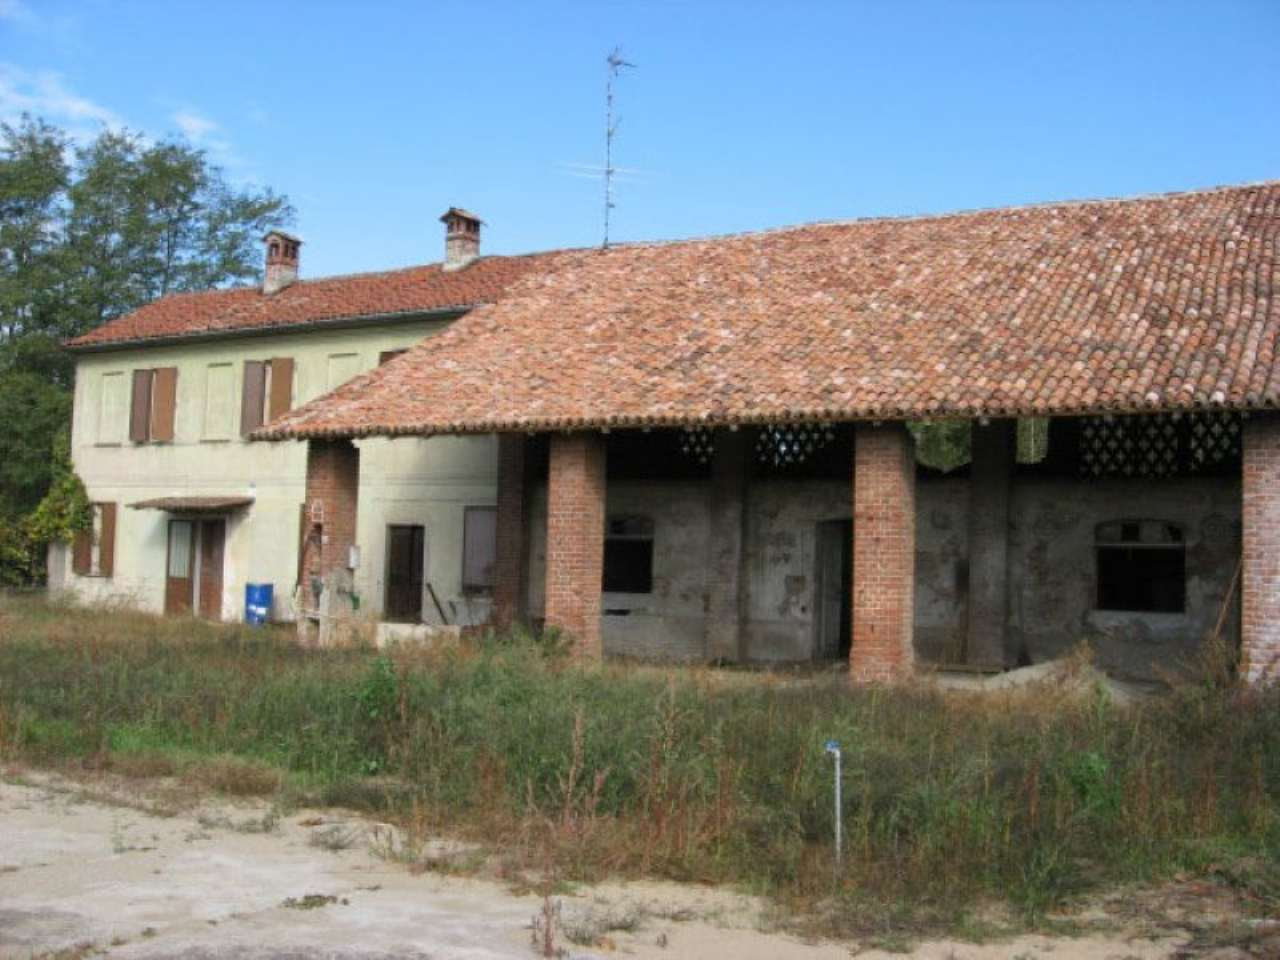 Rustico / Casale in vendita a Garlasco, 6 locali, prezzo € 145.000 | CambioCasa.it